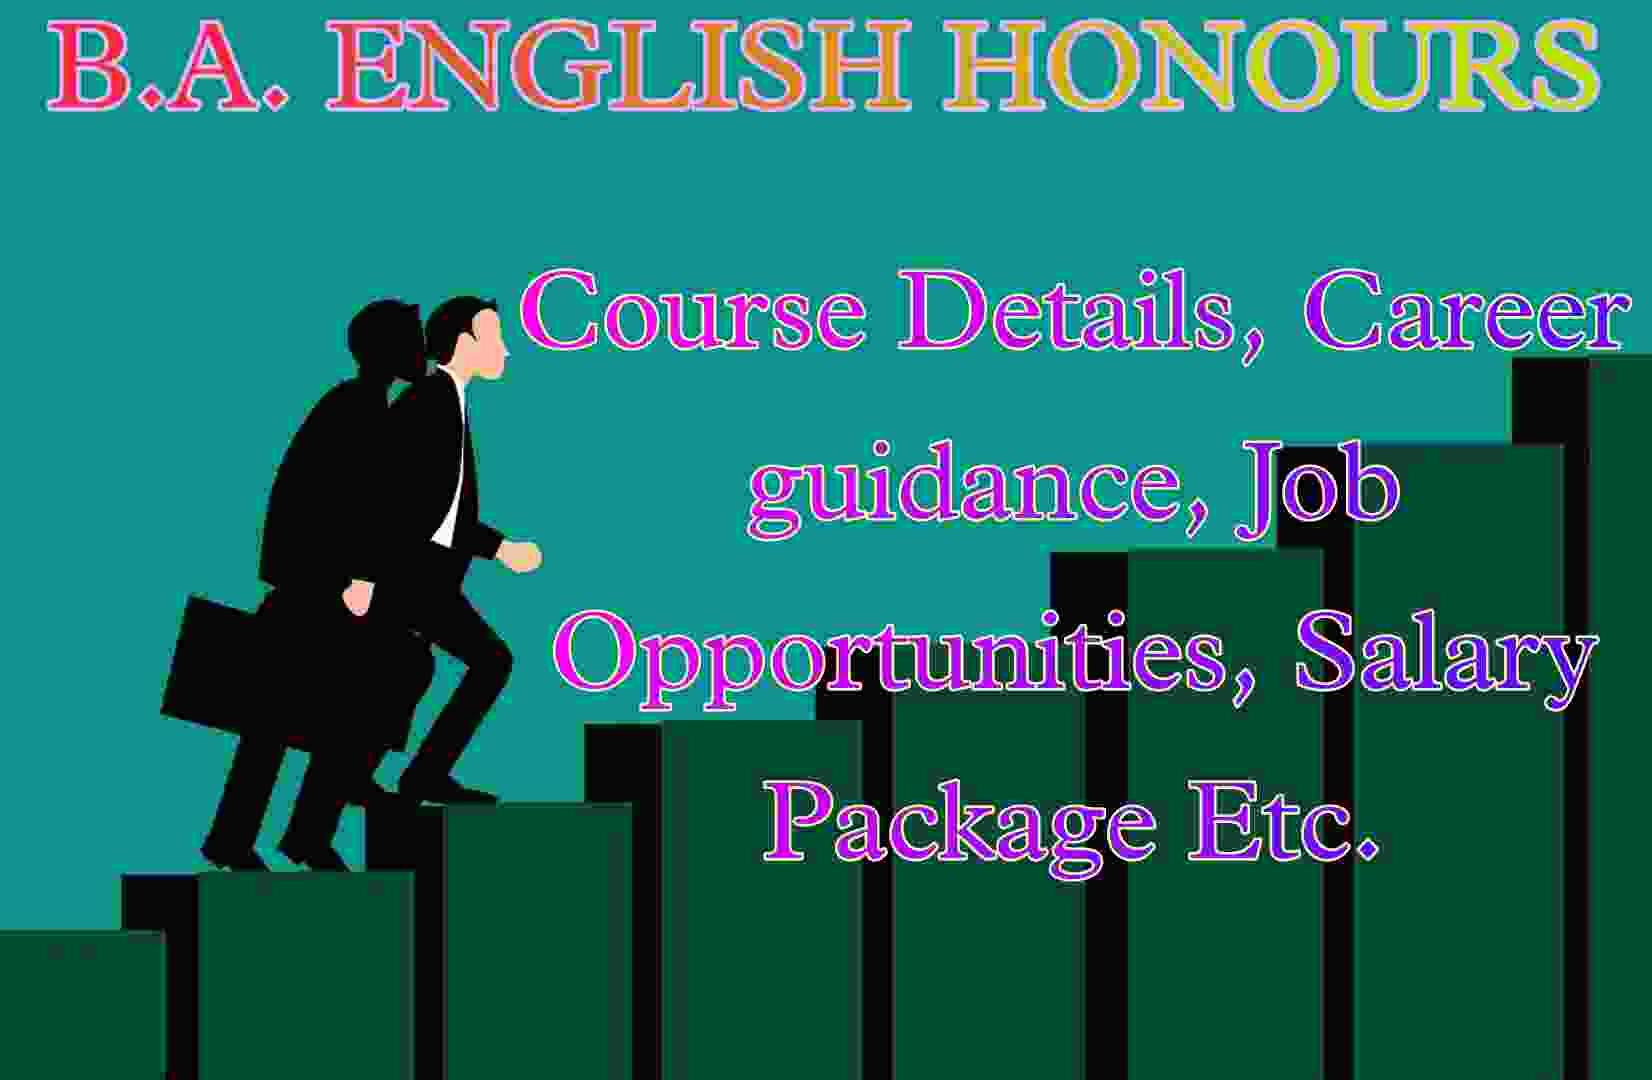 B.A. English Honours